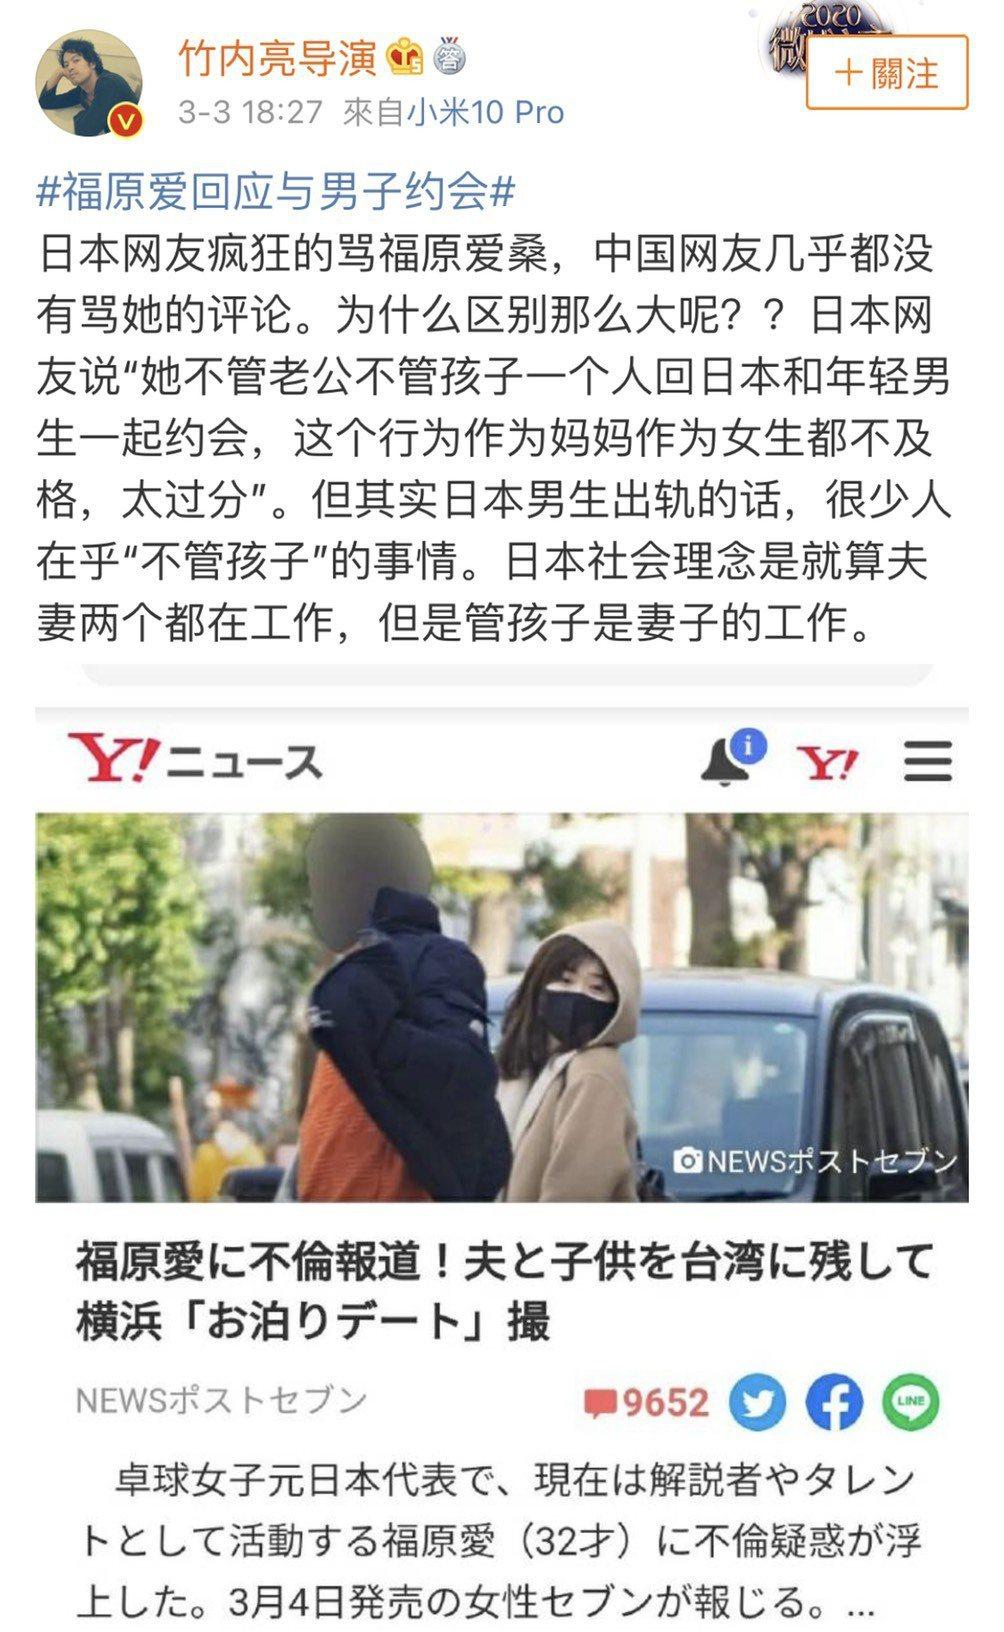 竹內亮在微博針對福原愛的事發表看法。圖/摘自微博